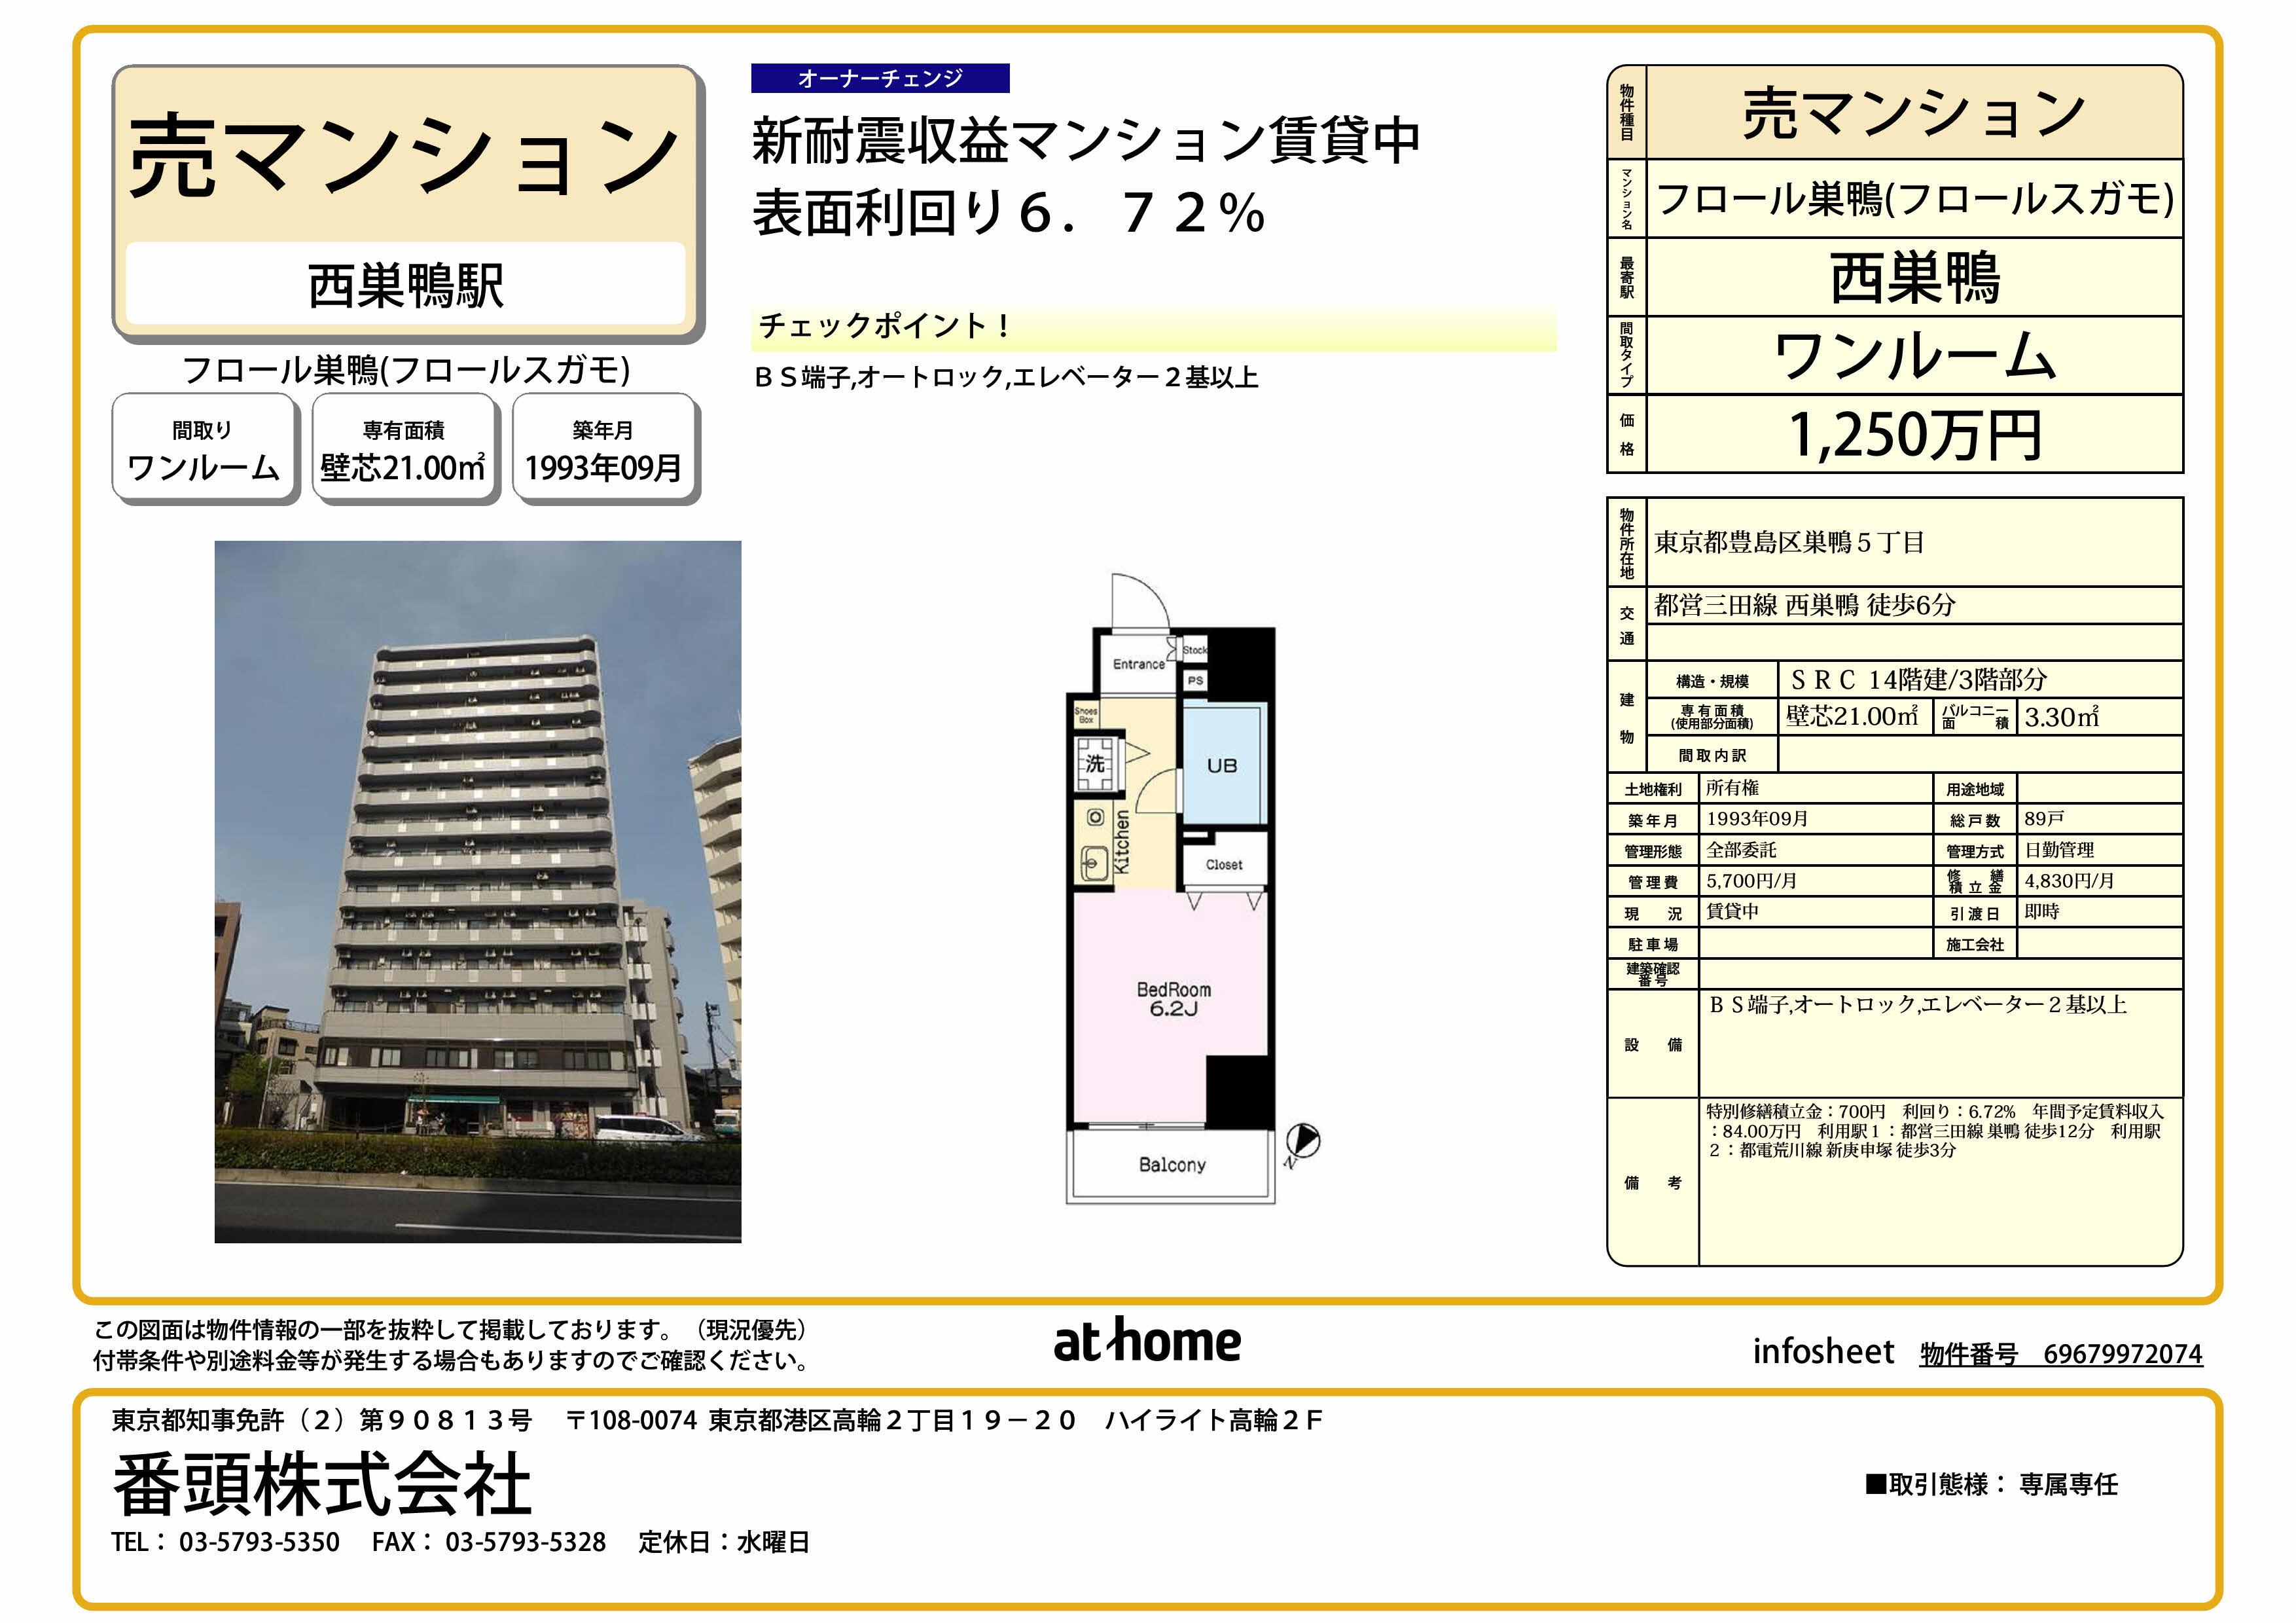 投資用マンション☆値下げしました!1250万円 利回り6.72% 新耐震基準!